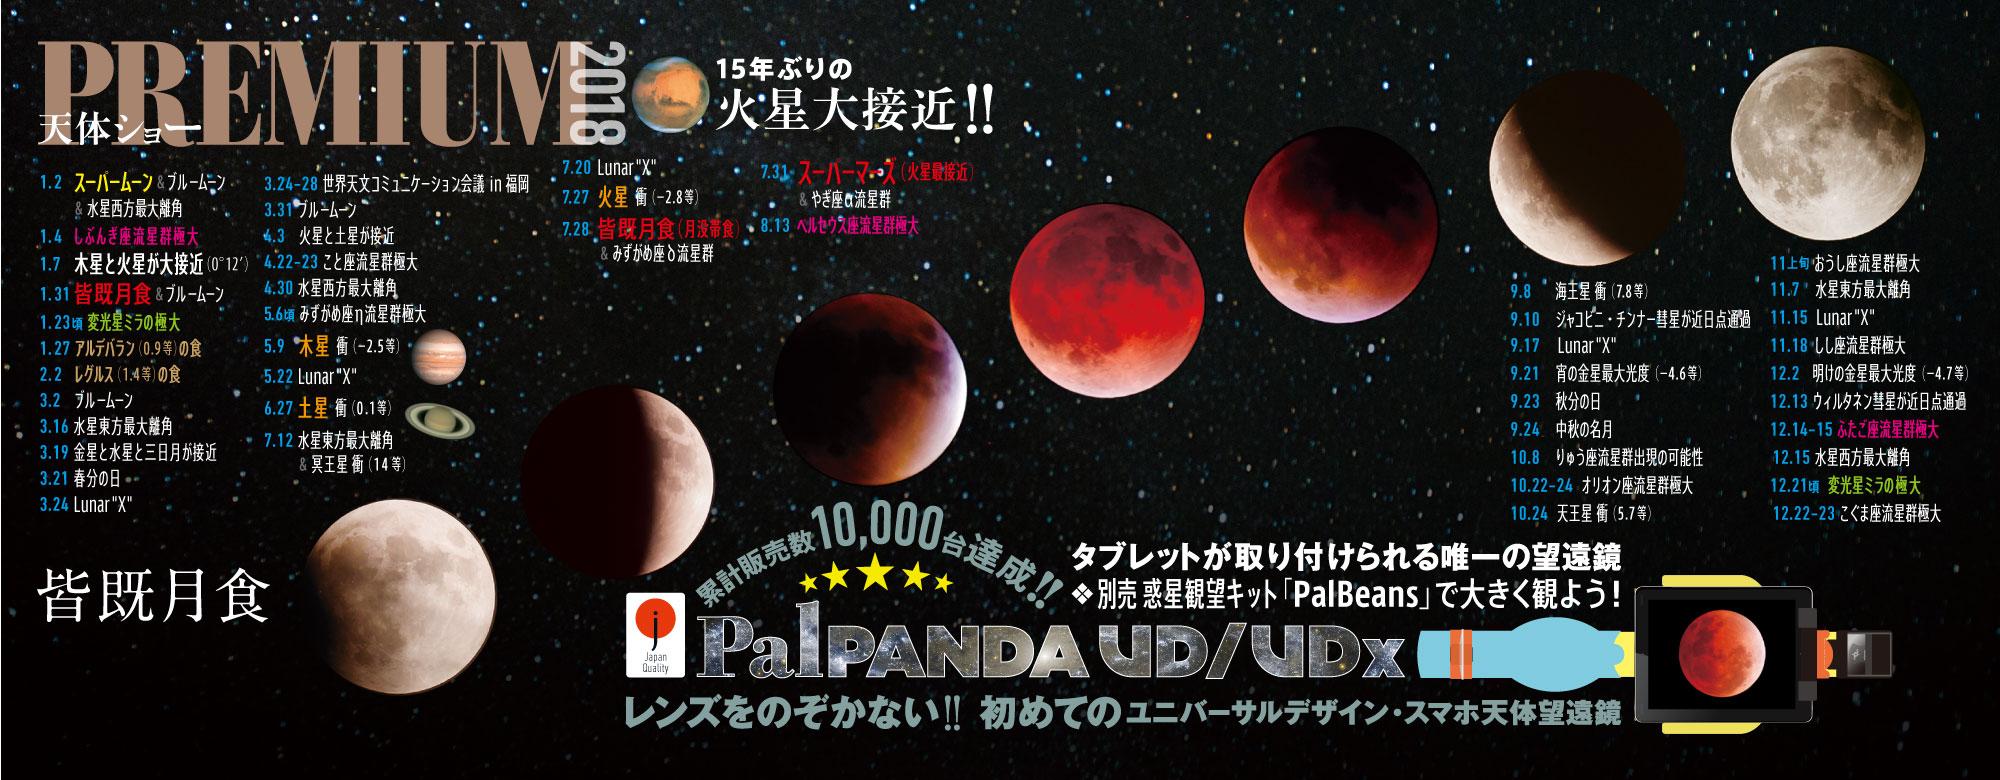 2018天体ショーカレンダー